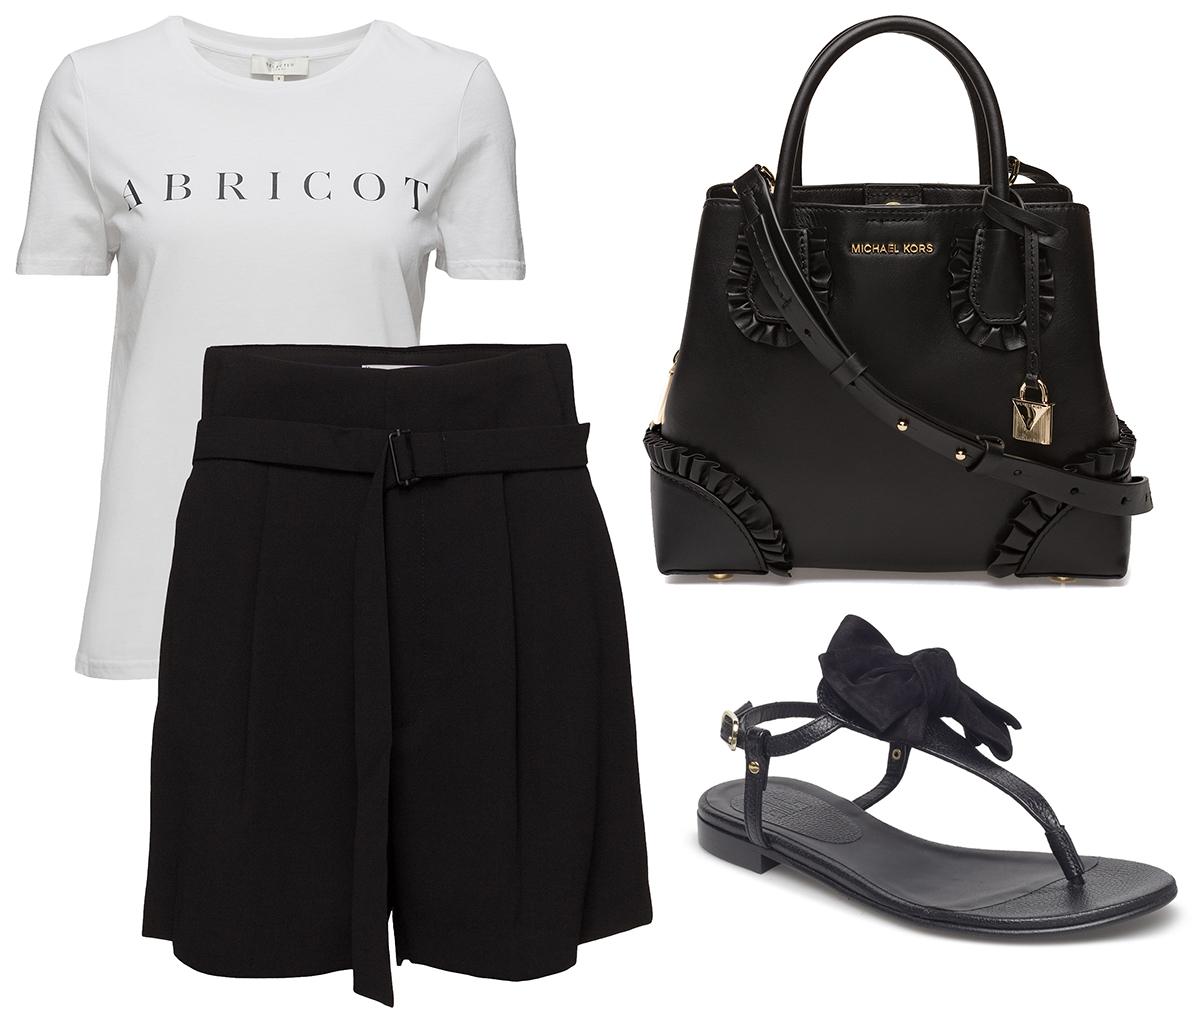 ee2ae8c80da4 T-shirt, shorts och sandaler kan säkert låta lite sunkigt och  vardagsbetonat, men det behöver inte vara så. Här är en svart och vit  outfit med finshorts som ...